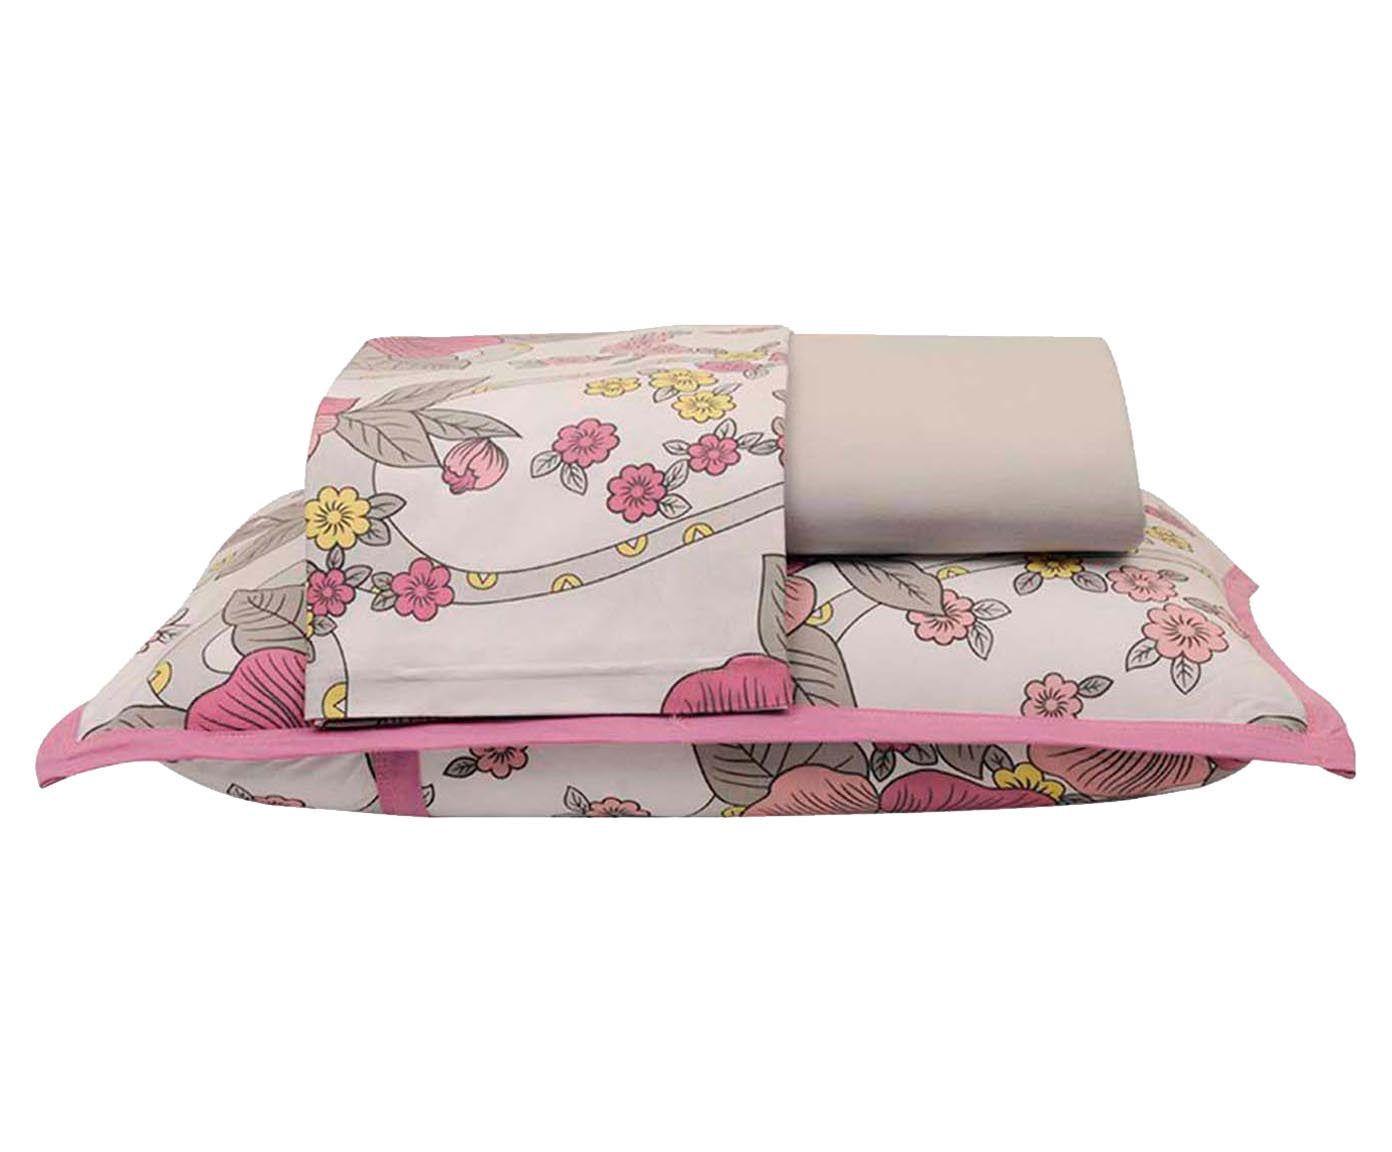 Jogo de lençol flowers - cama king size | Westwing.com.br